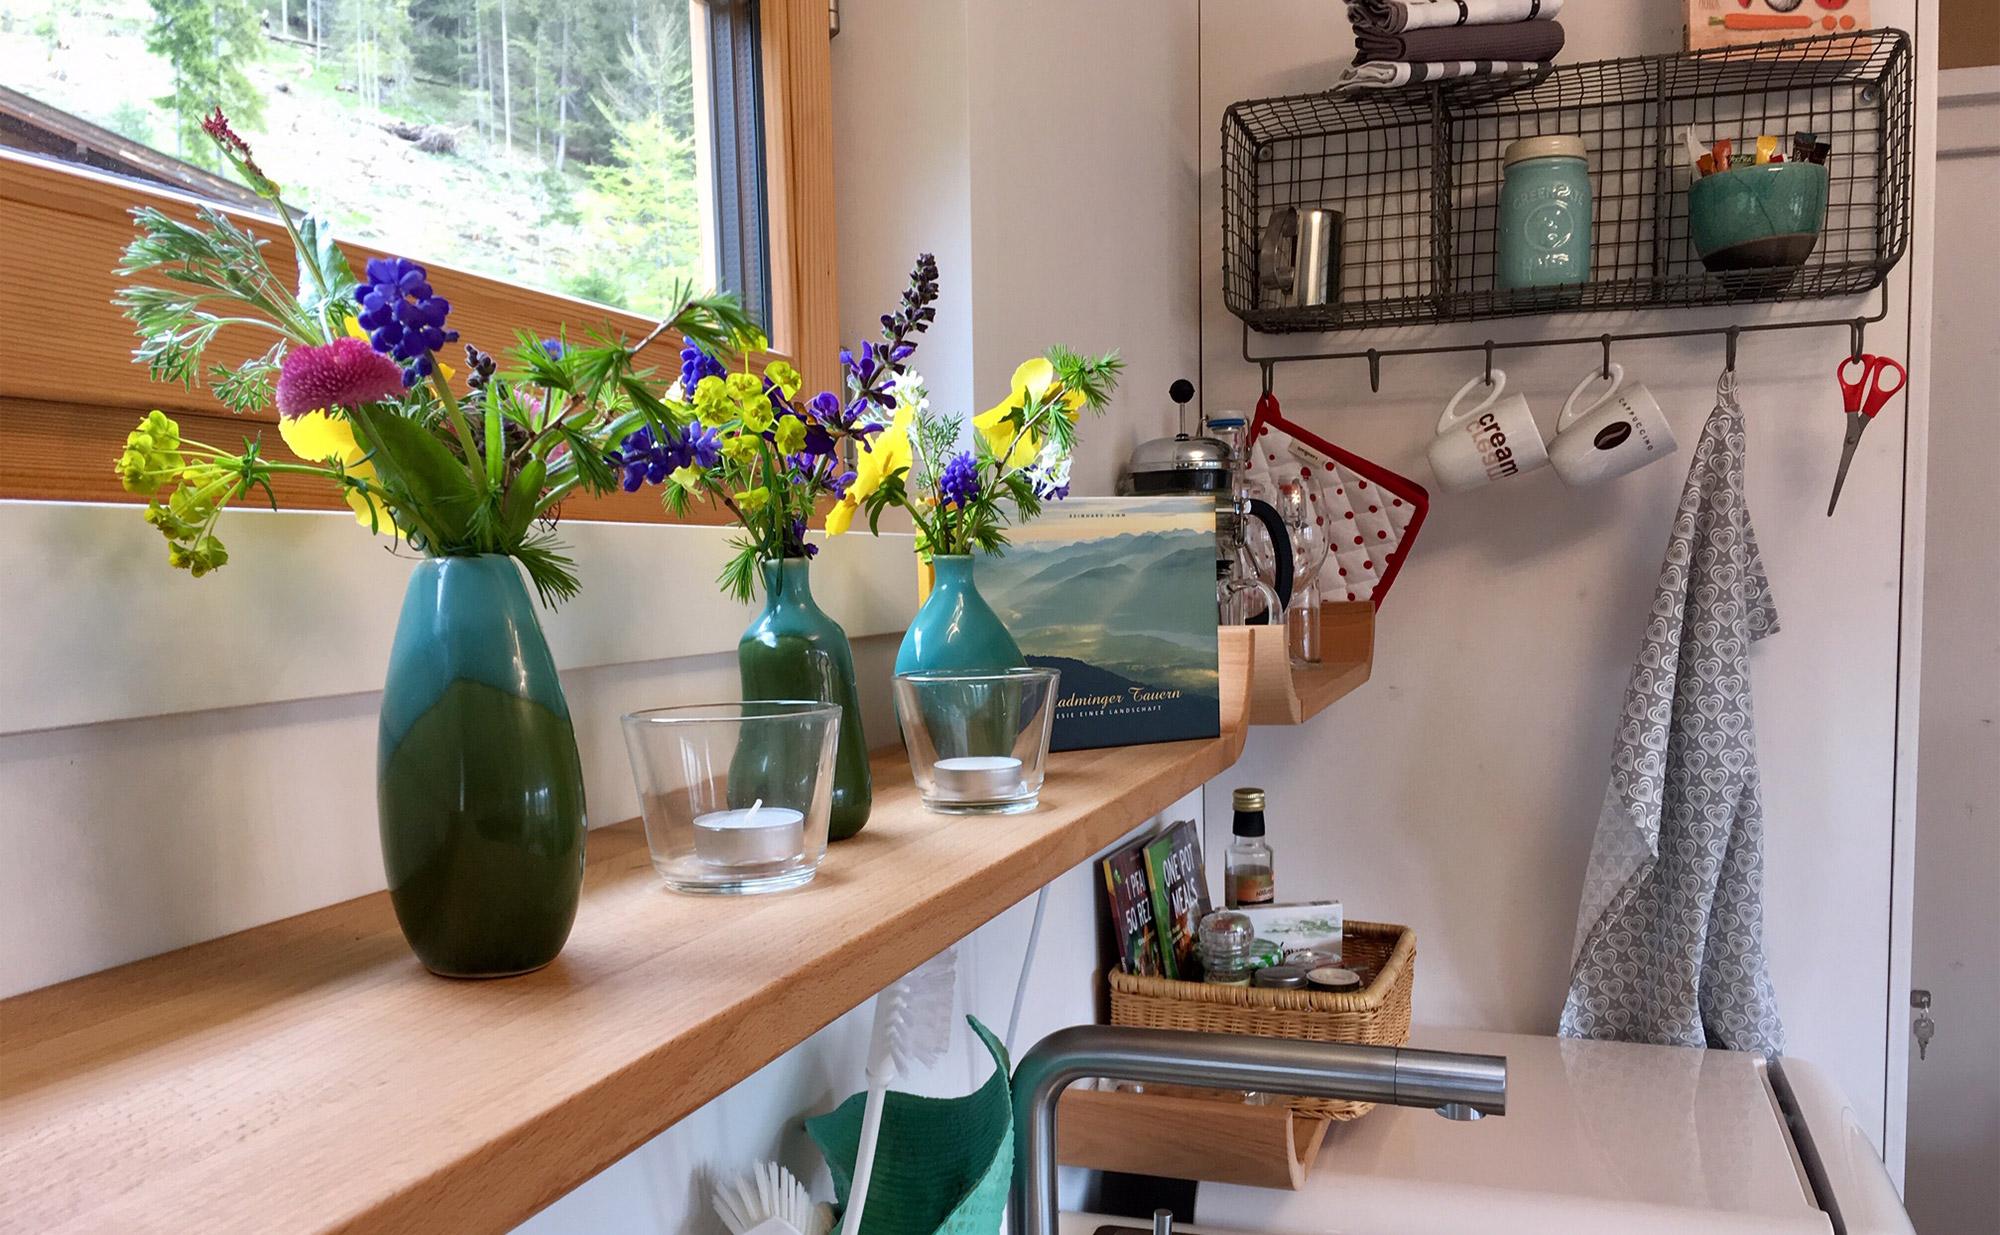 Blumendekoration ziert das Küchenbord